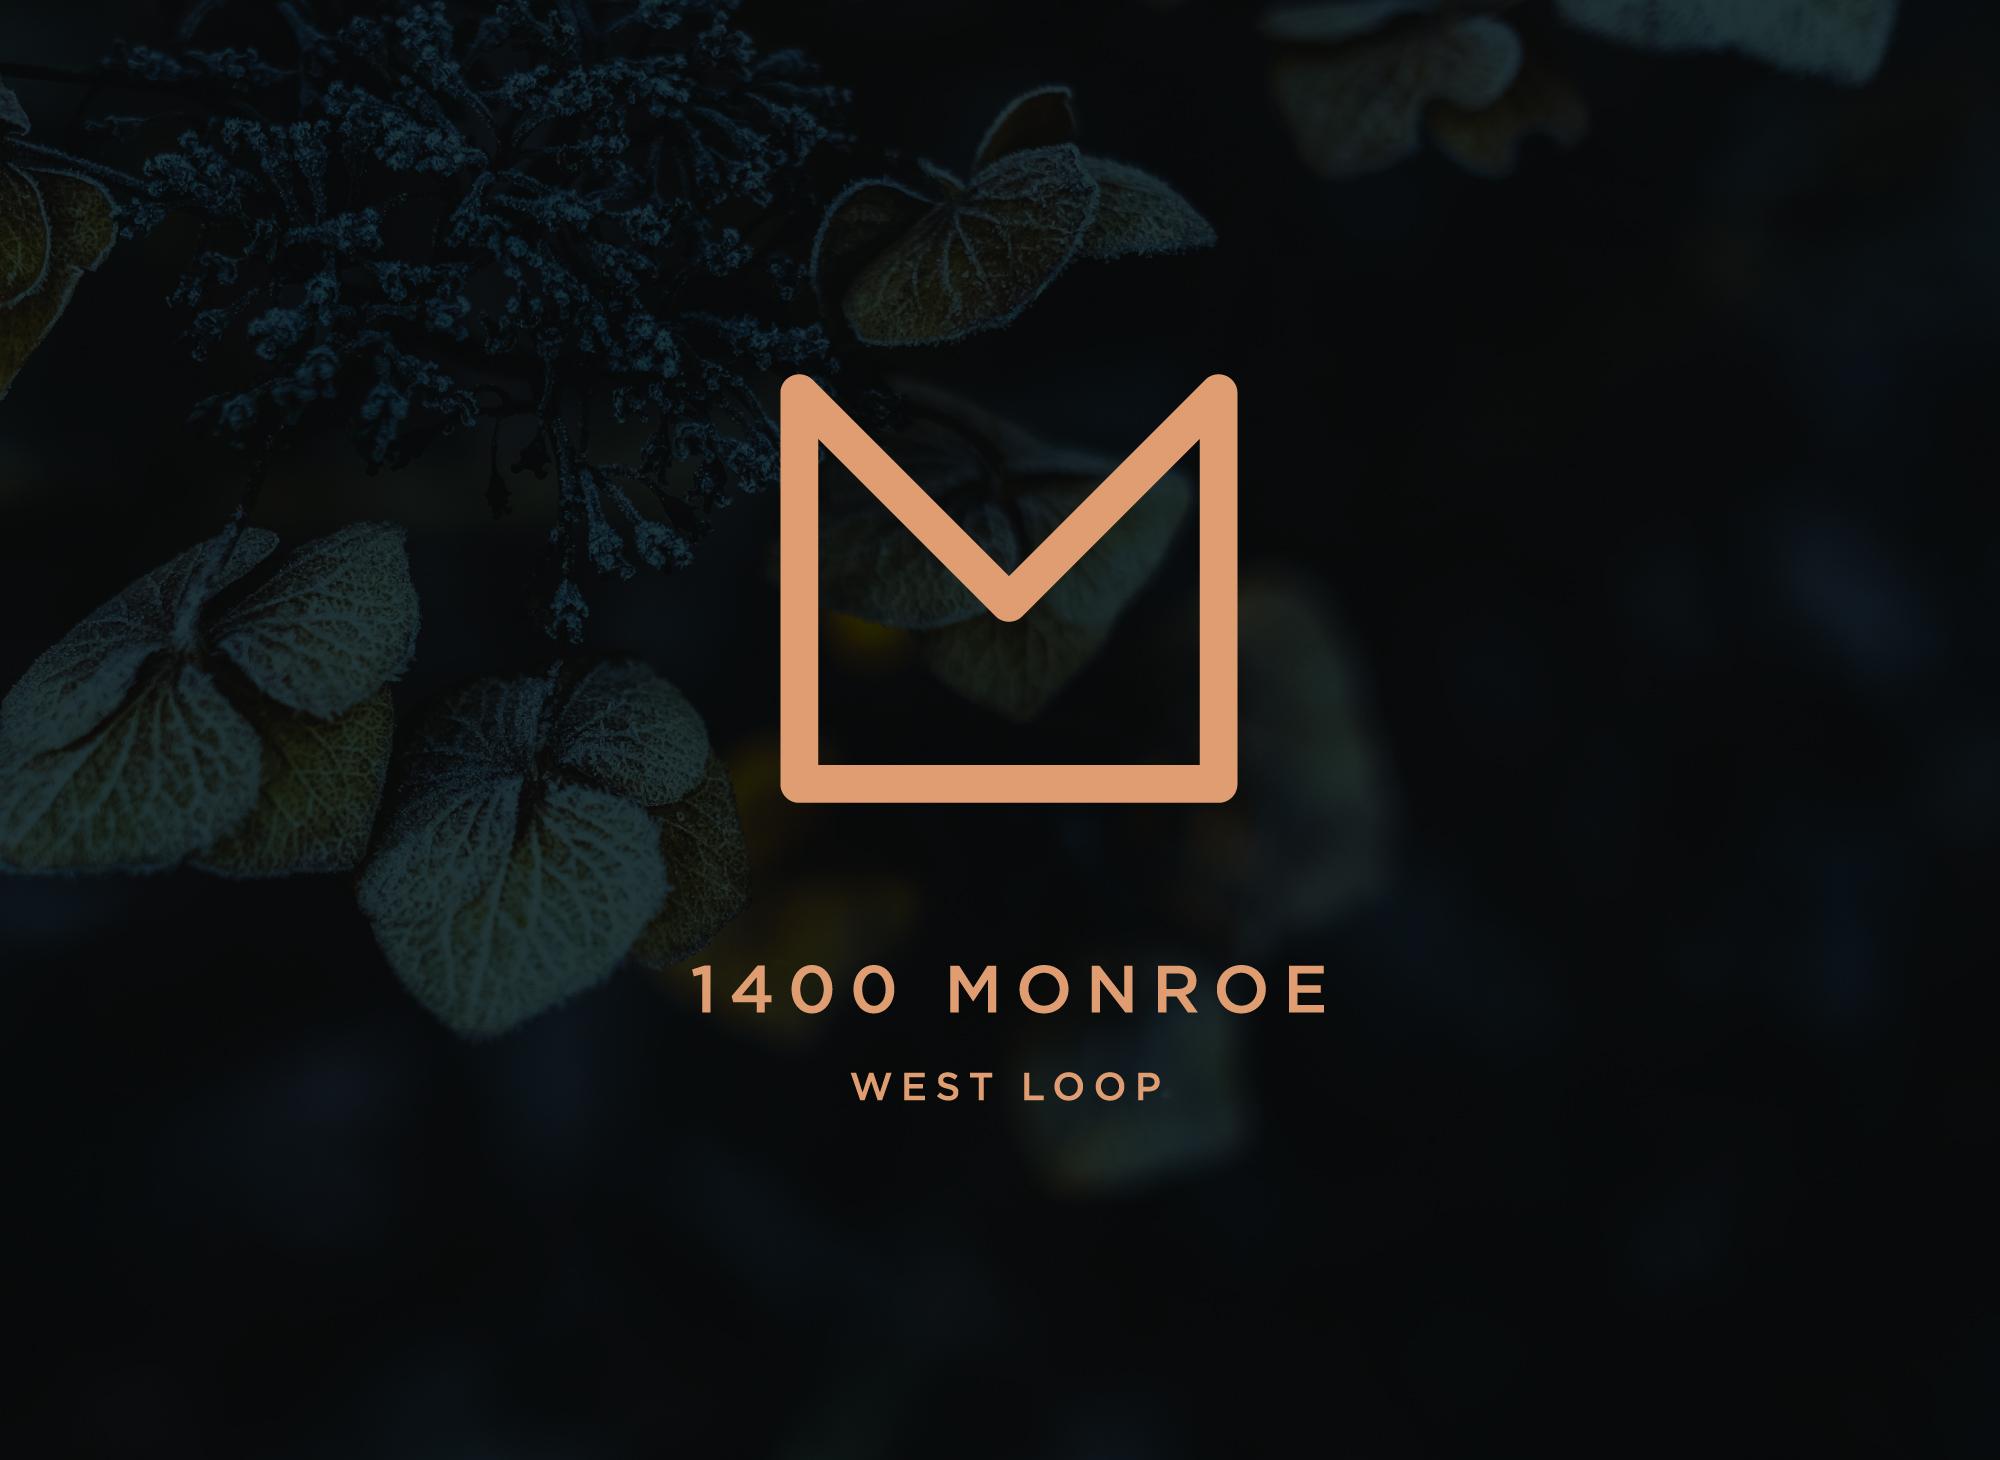 1400 Monroe